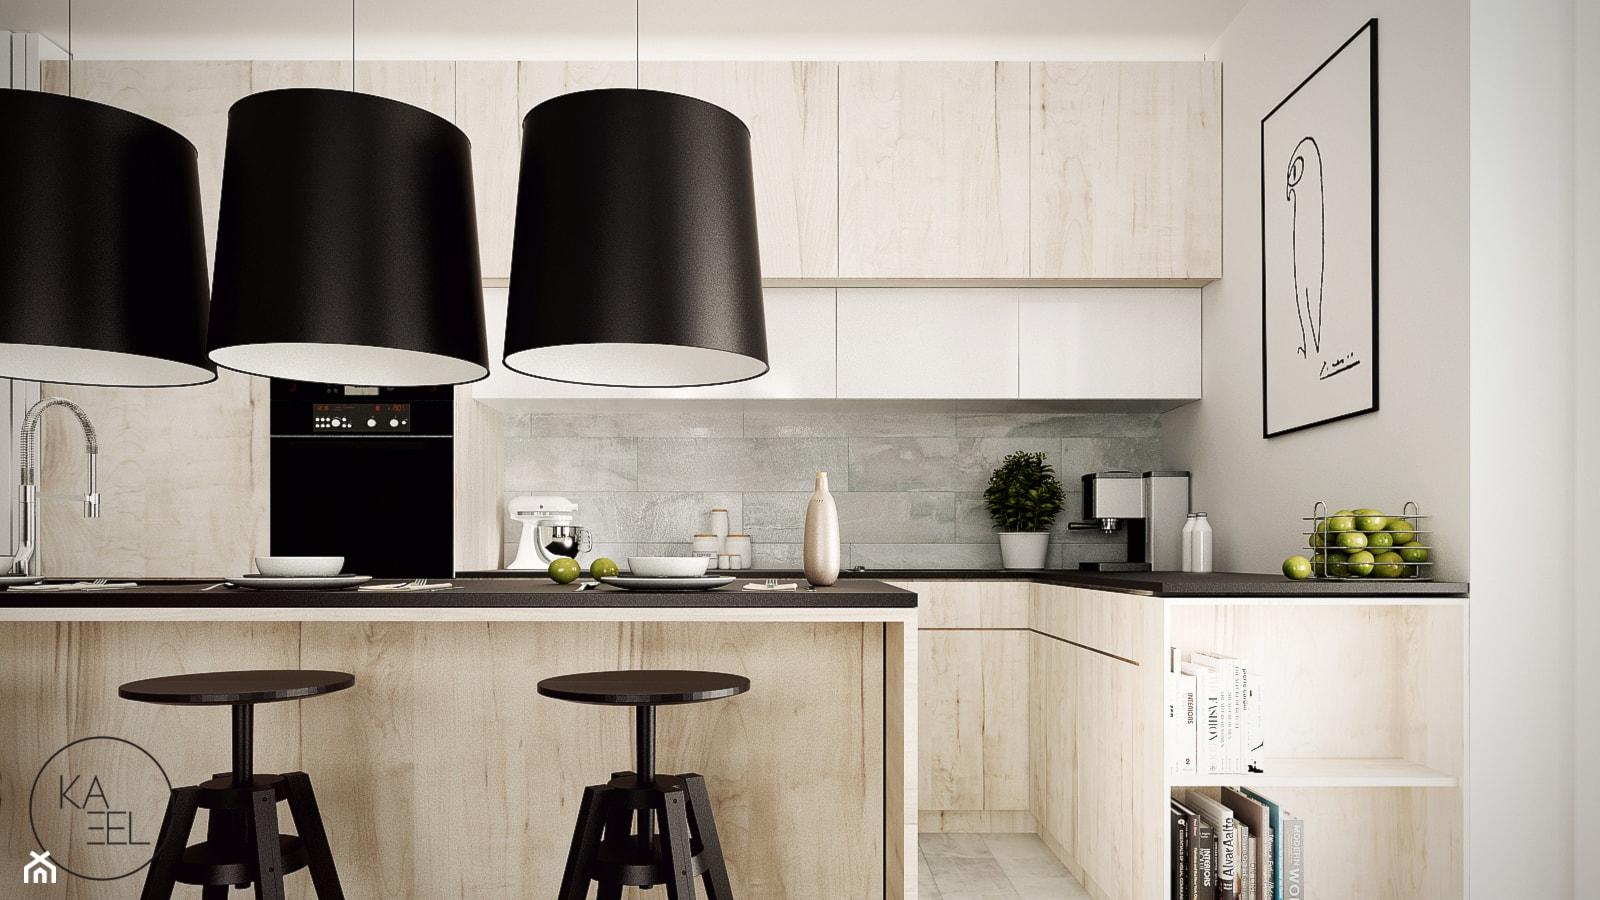 STRZESZEWSKIEGO - Średnia otwarta biała kuchnia w aneksie z wyspą, styl nowoczesny - zdjęcie od KAEL Architekci - Homebook